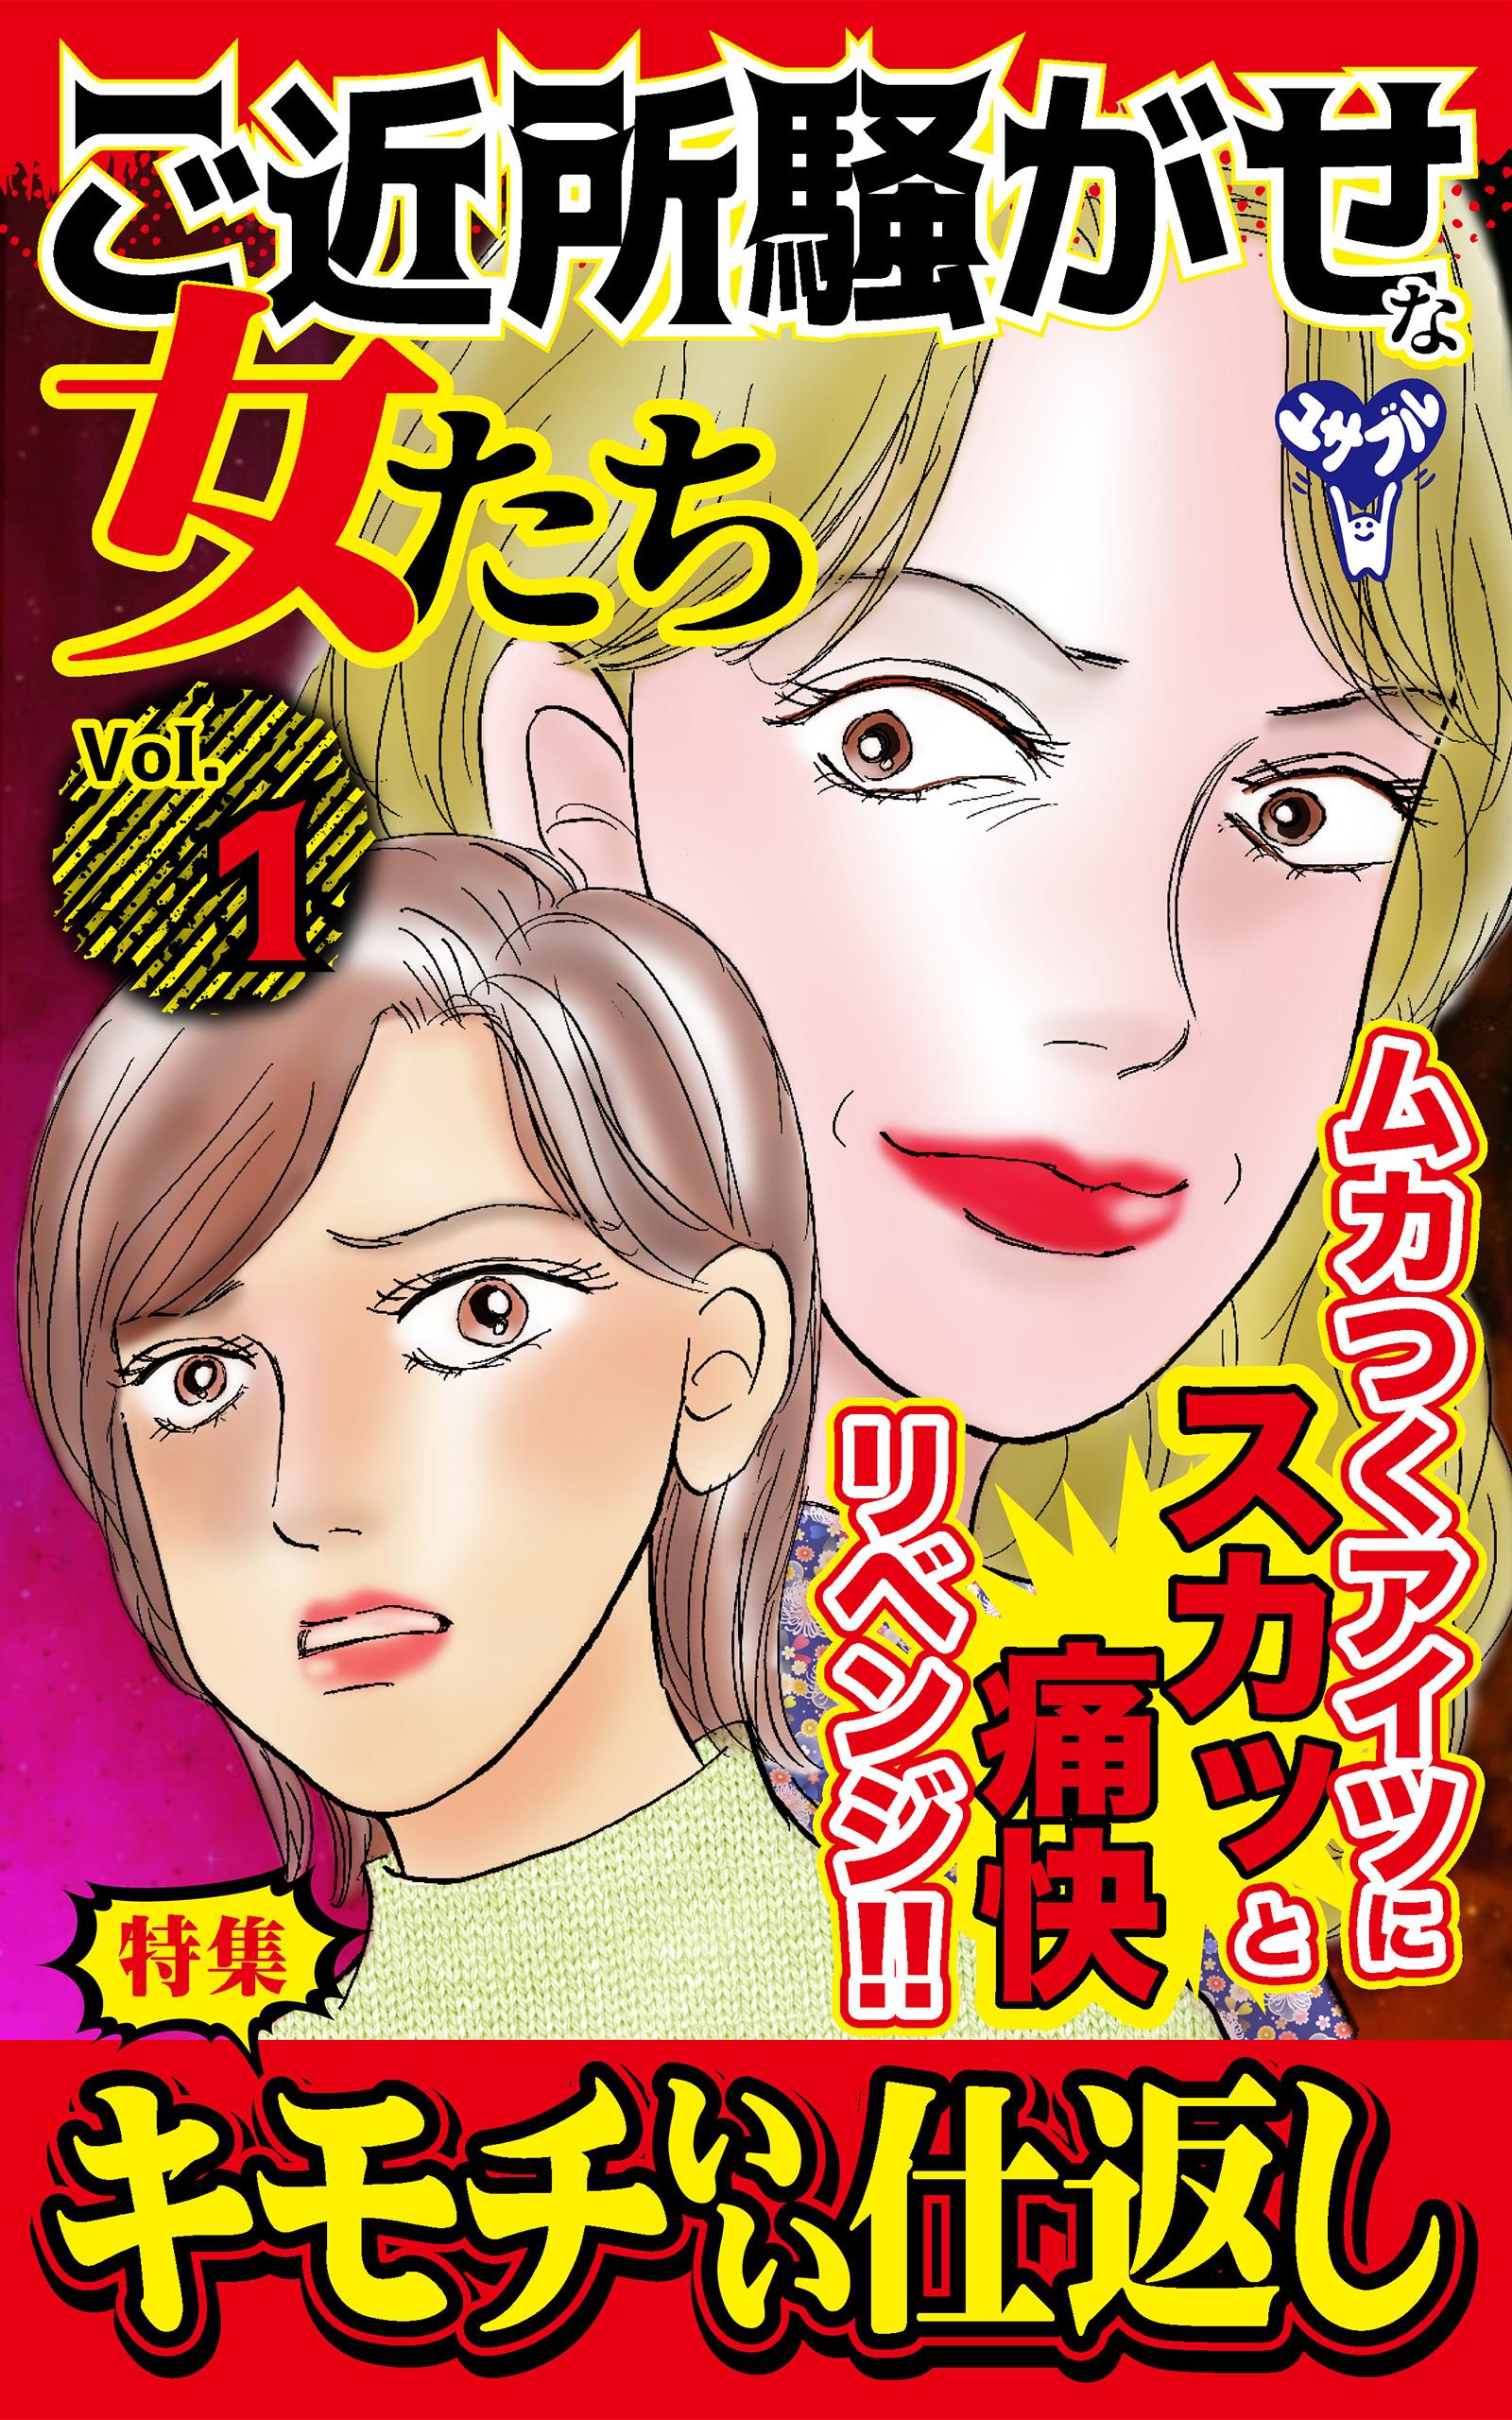 ご近所騒がせな女たちVol.1(大逆転!!社宅女ボスに天誅!)